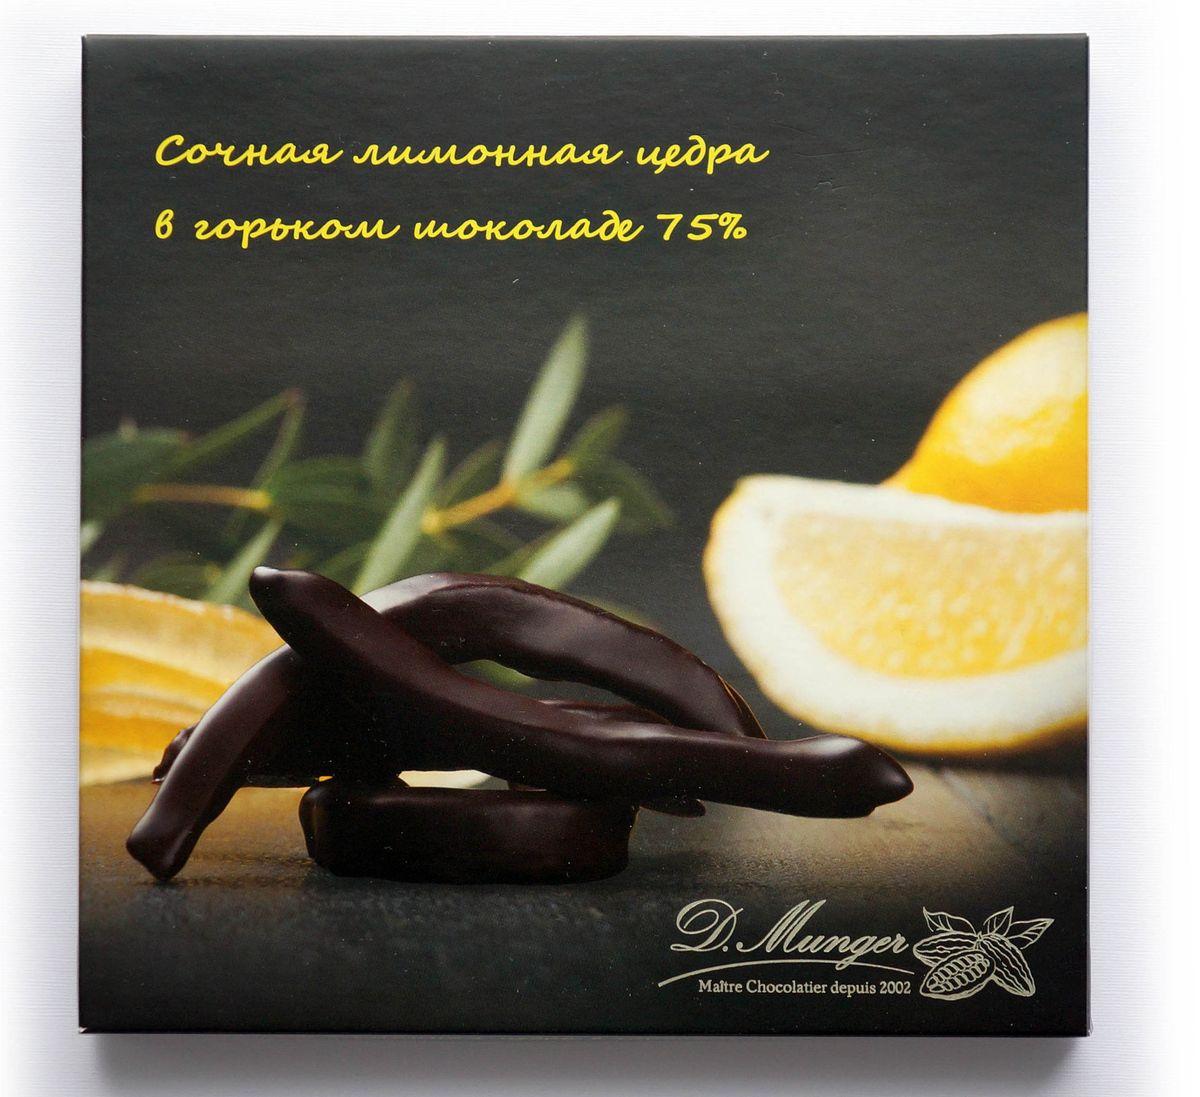 Chocolatier D.Munger цукаты лимона в горьком шоколаде, 110 г